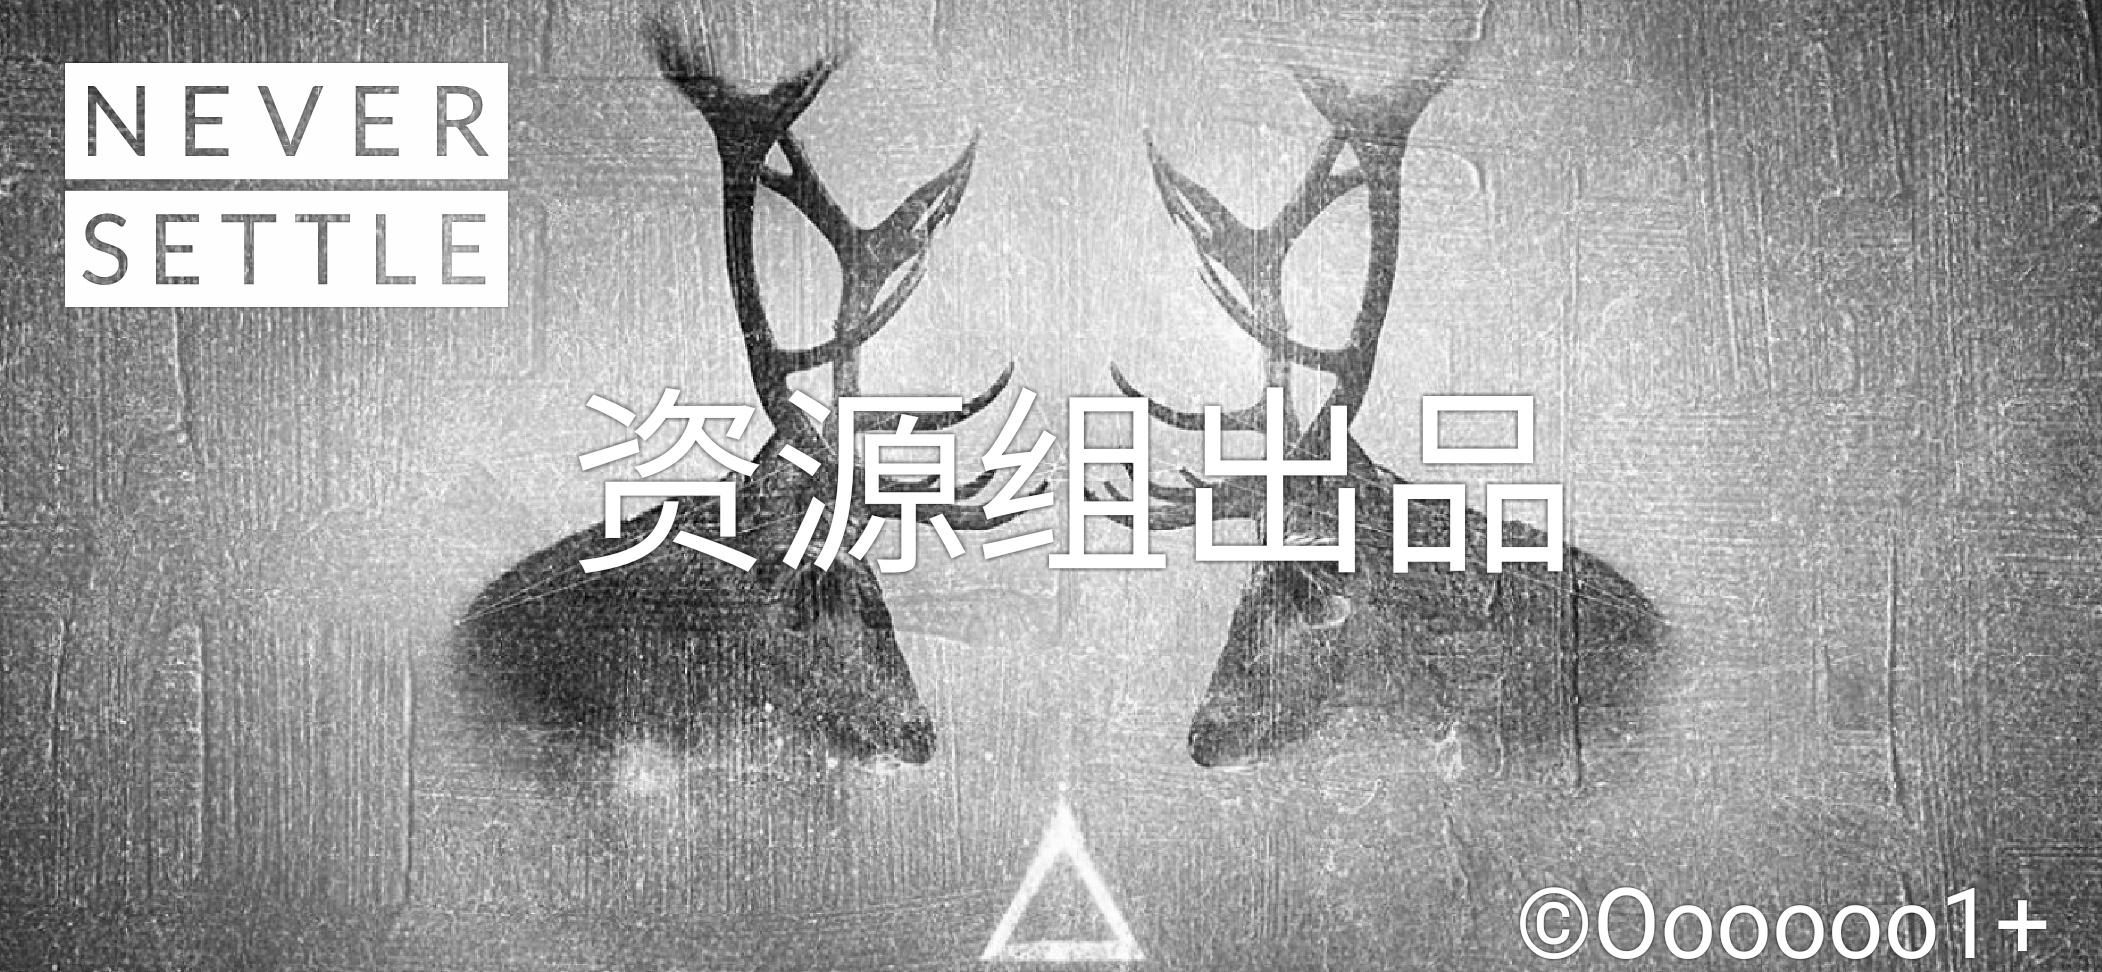 57804_1001_01_01.jpg